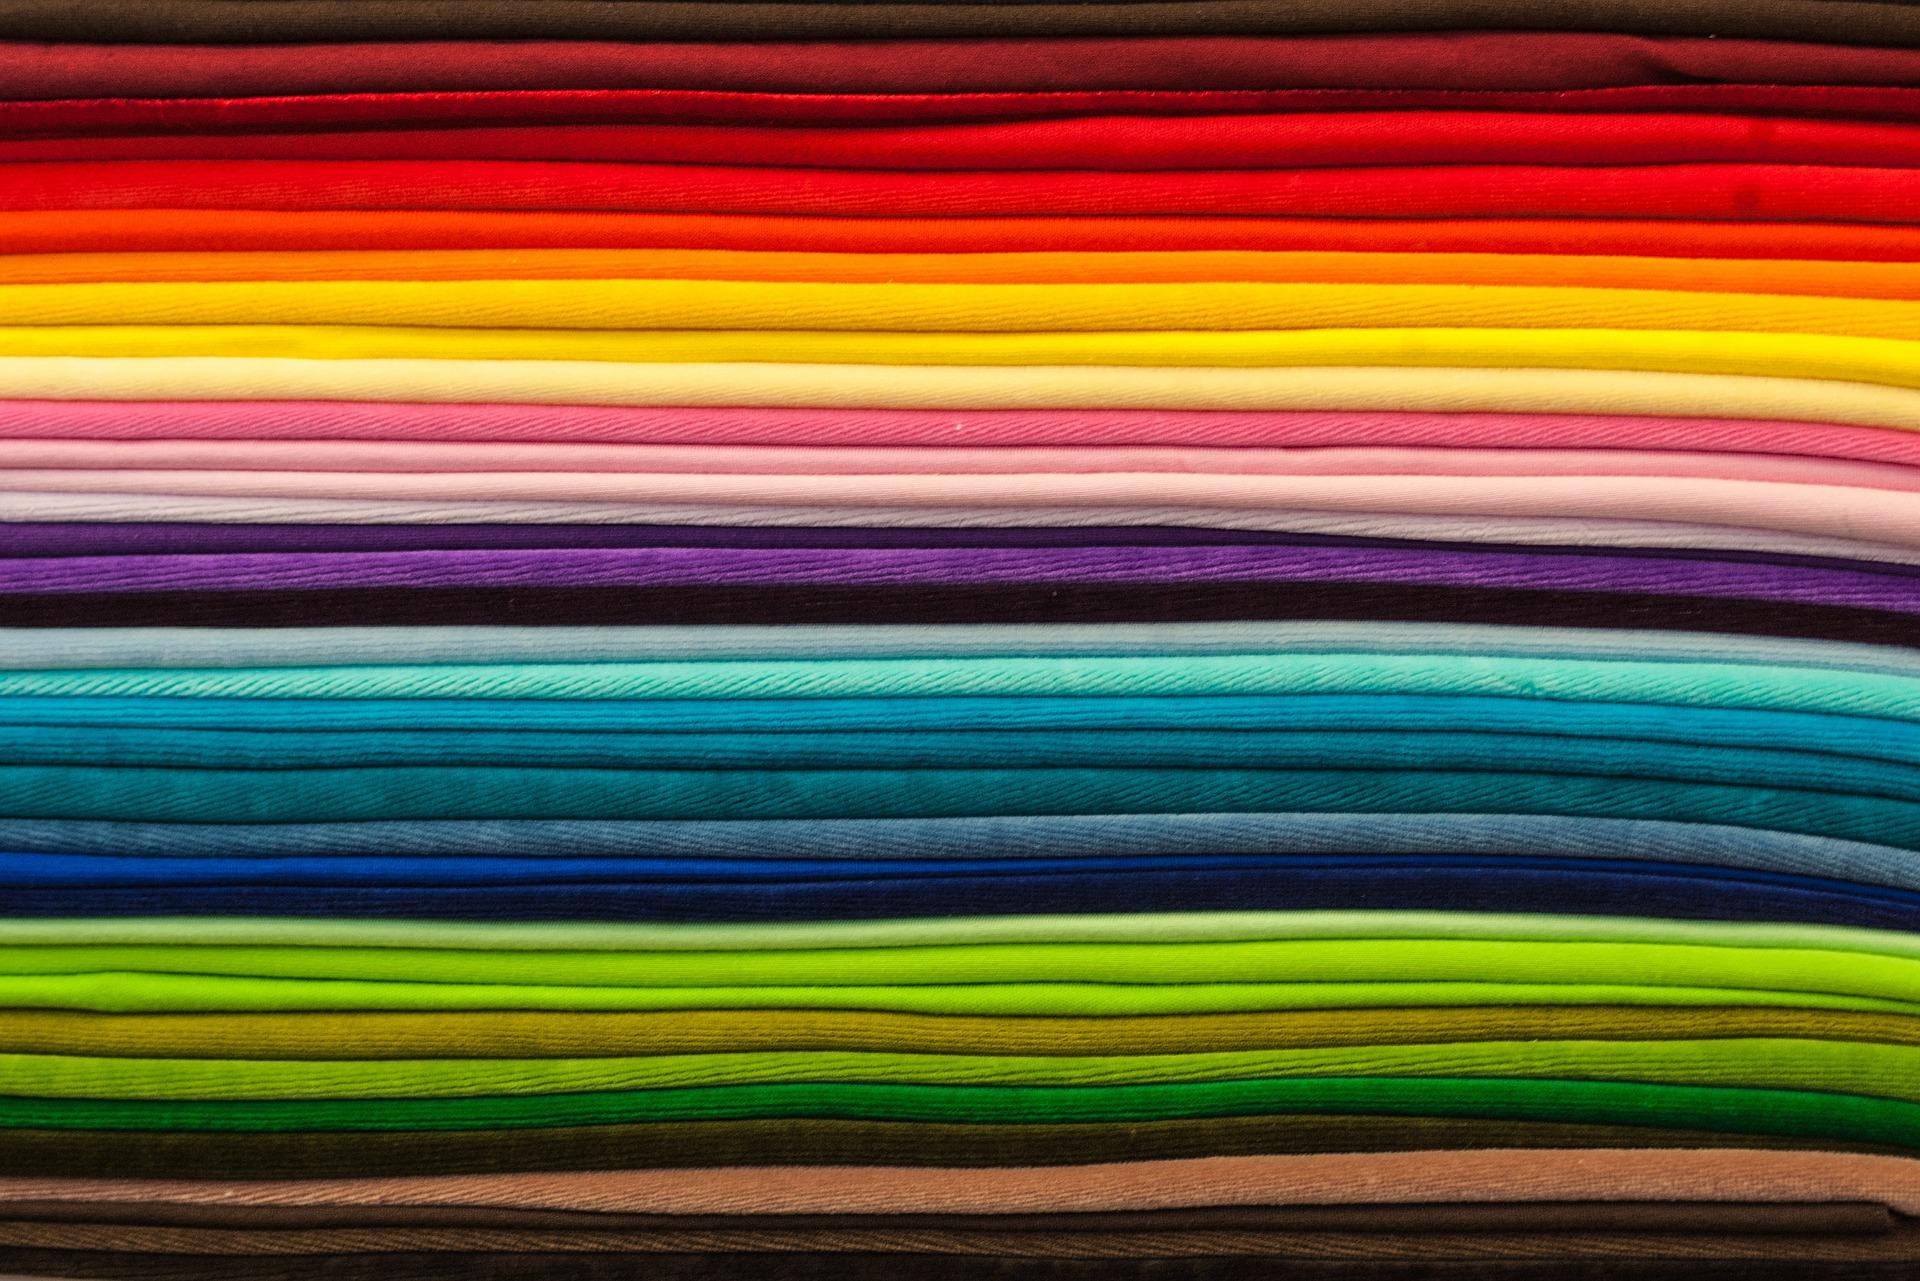 textile-548716_1920